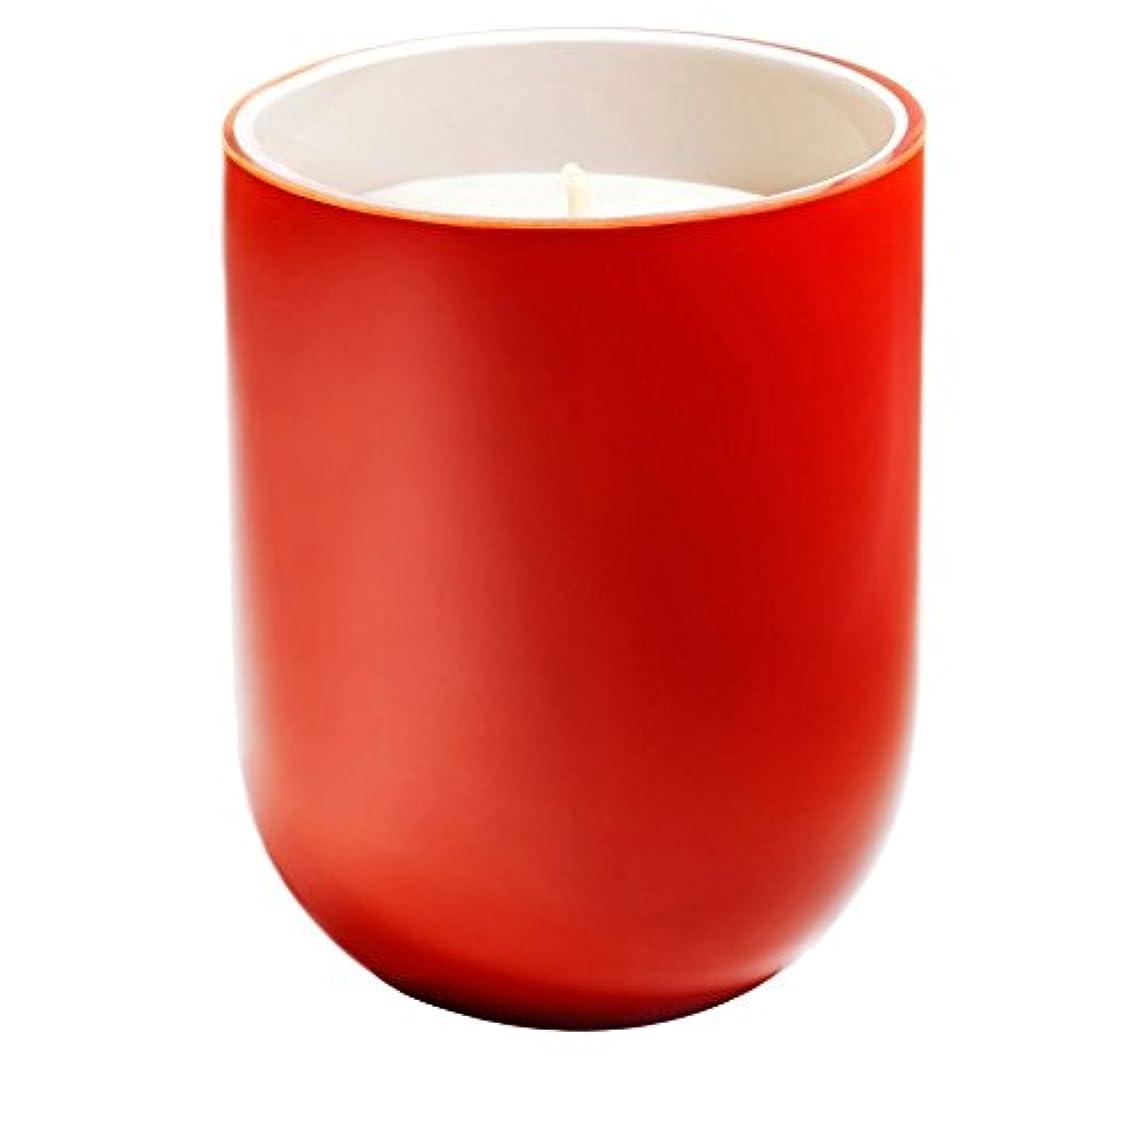 賭けただマーティフィールディングフレデリック?マルロシアの夜香りのキャンドル x6 - Frederic Malle Russian Night Scented Candle (Pack of 6) [並行輸入品]